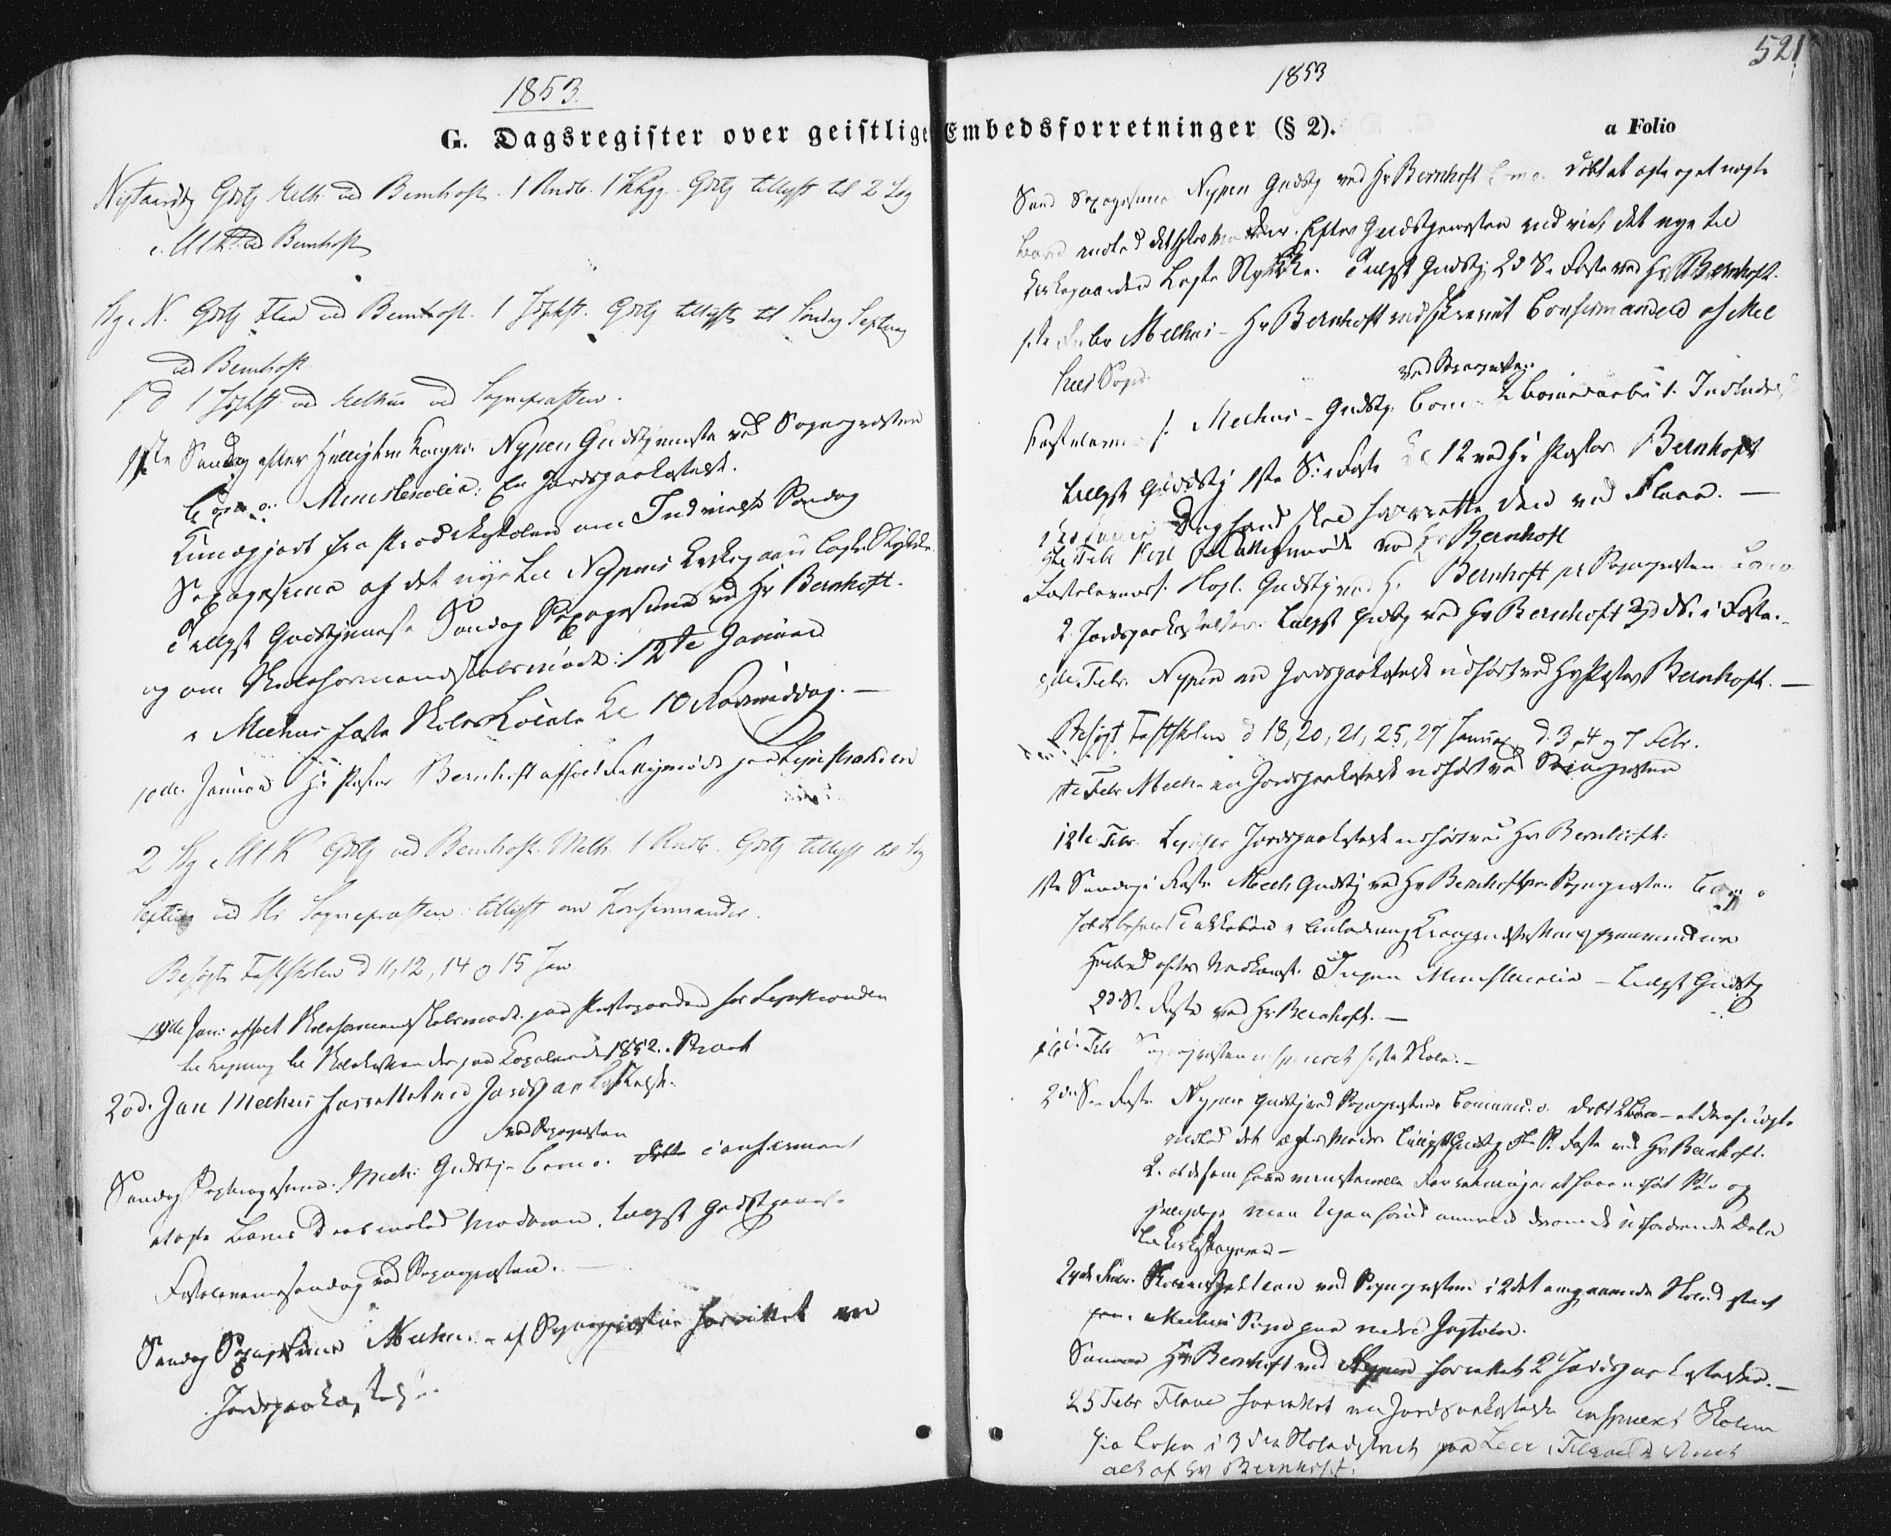 SAT, Ministerialprotokoller, klokkerbøker og fødselsregistre - Sør-Trøndelag, 691/L1076: Ministerialbok nr. 691A08, 1852-1861, s. 521